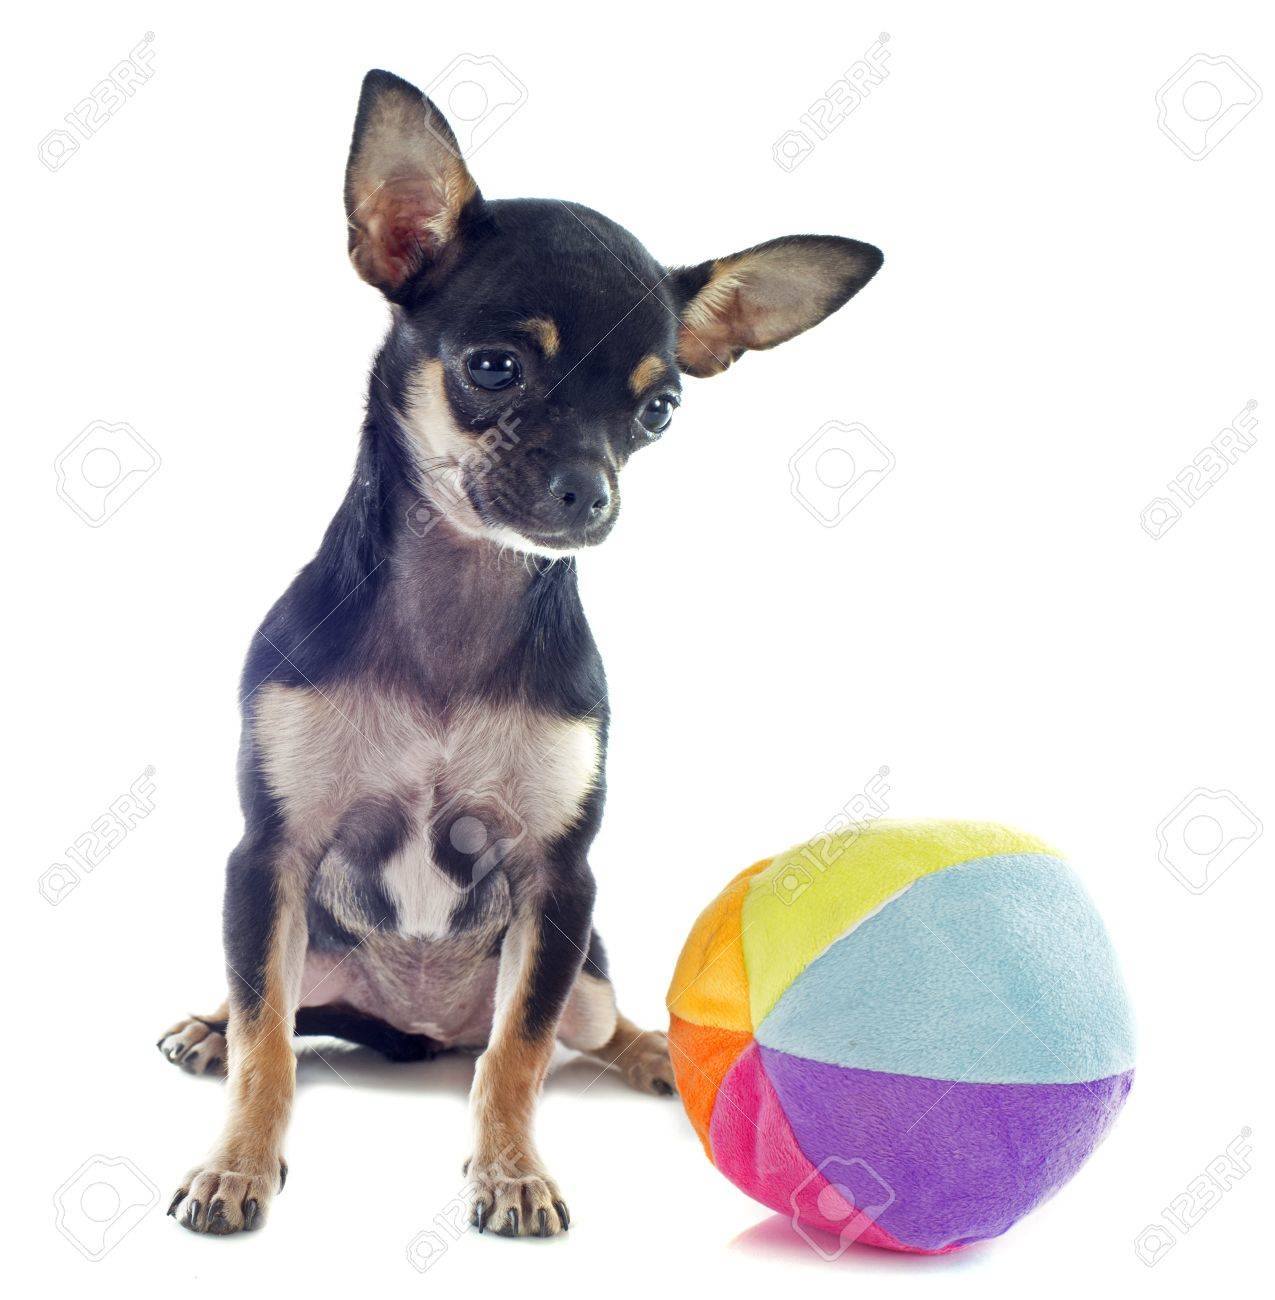 Immagini Stock Ritratto Di Un Simpatico Cucciolo Di Razza